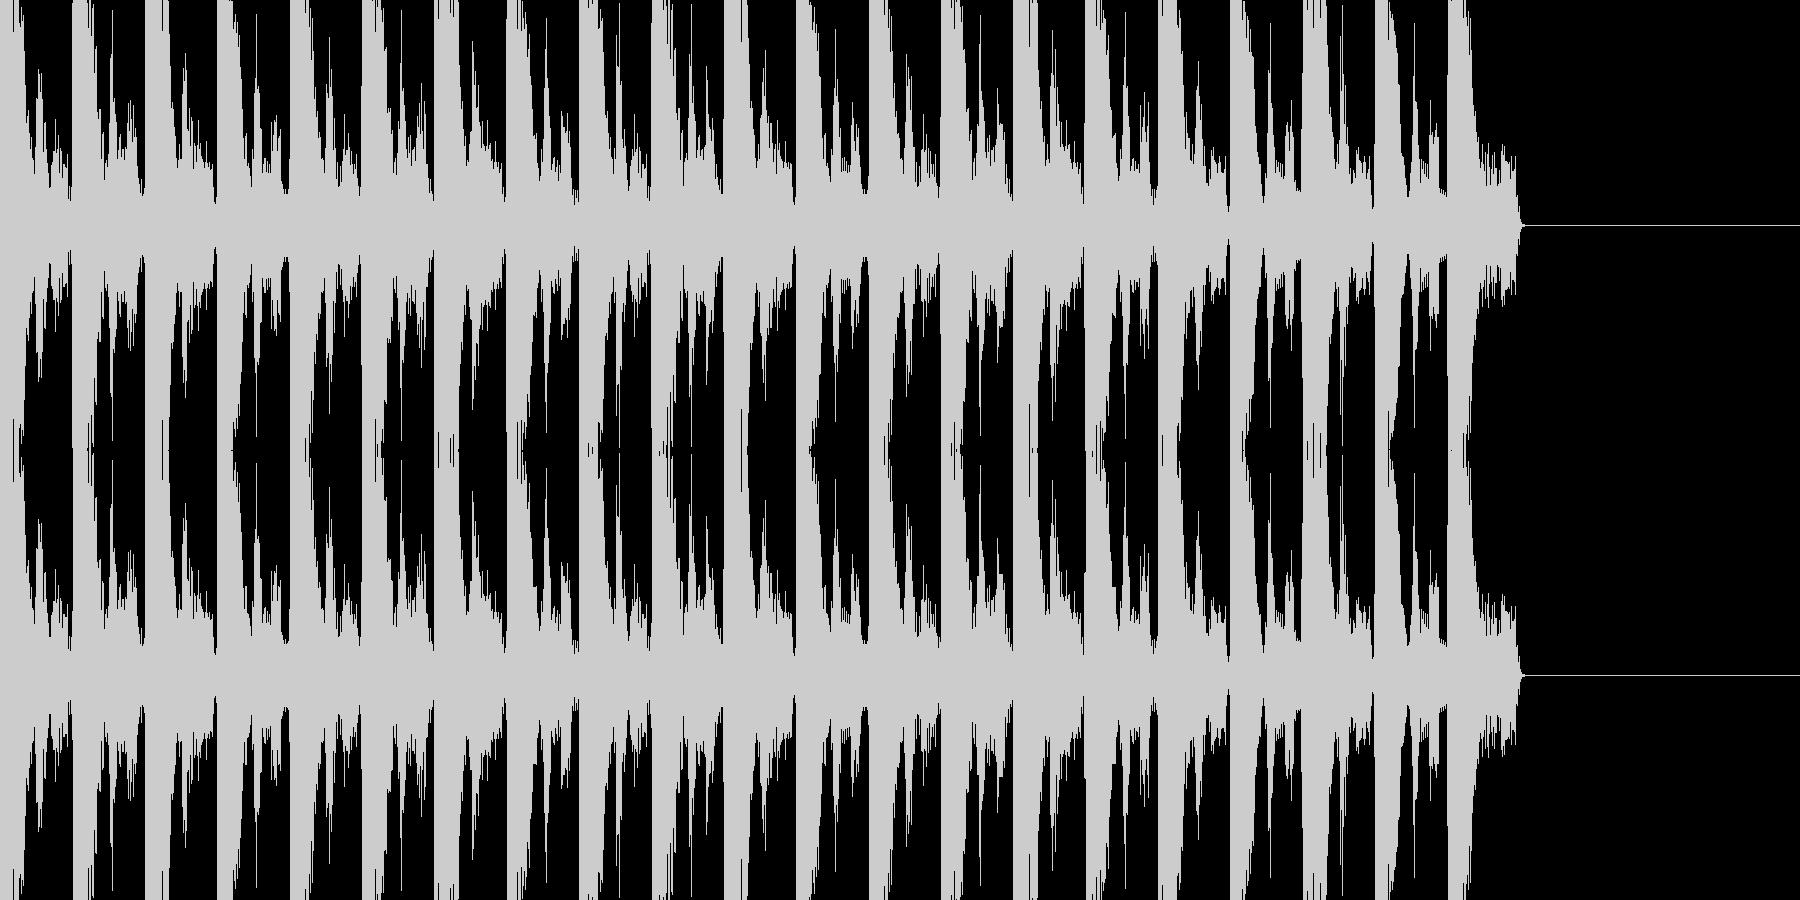 ゆったりとしたBGMの未再生の波形